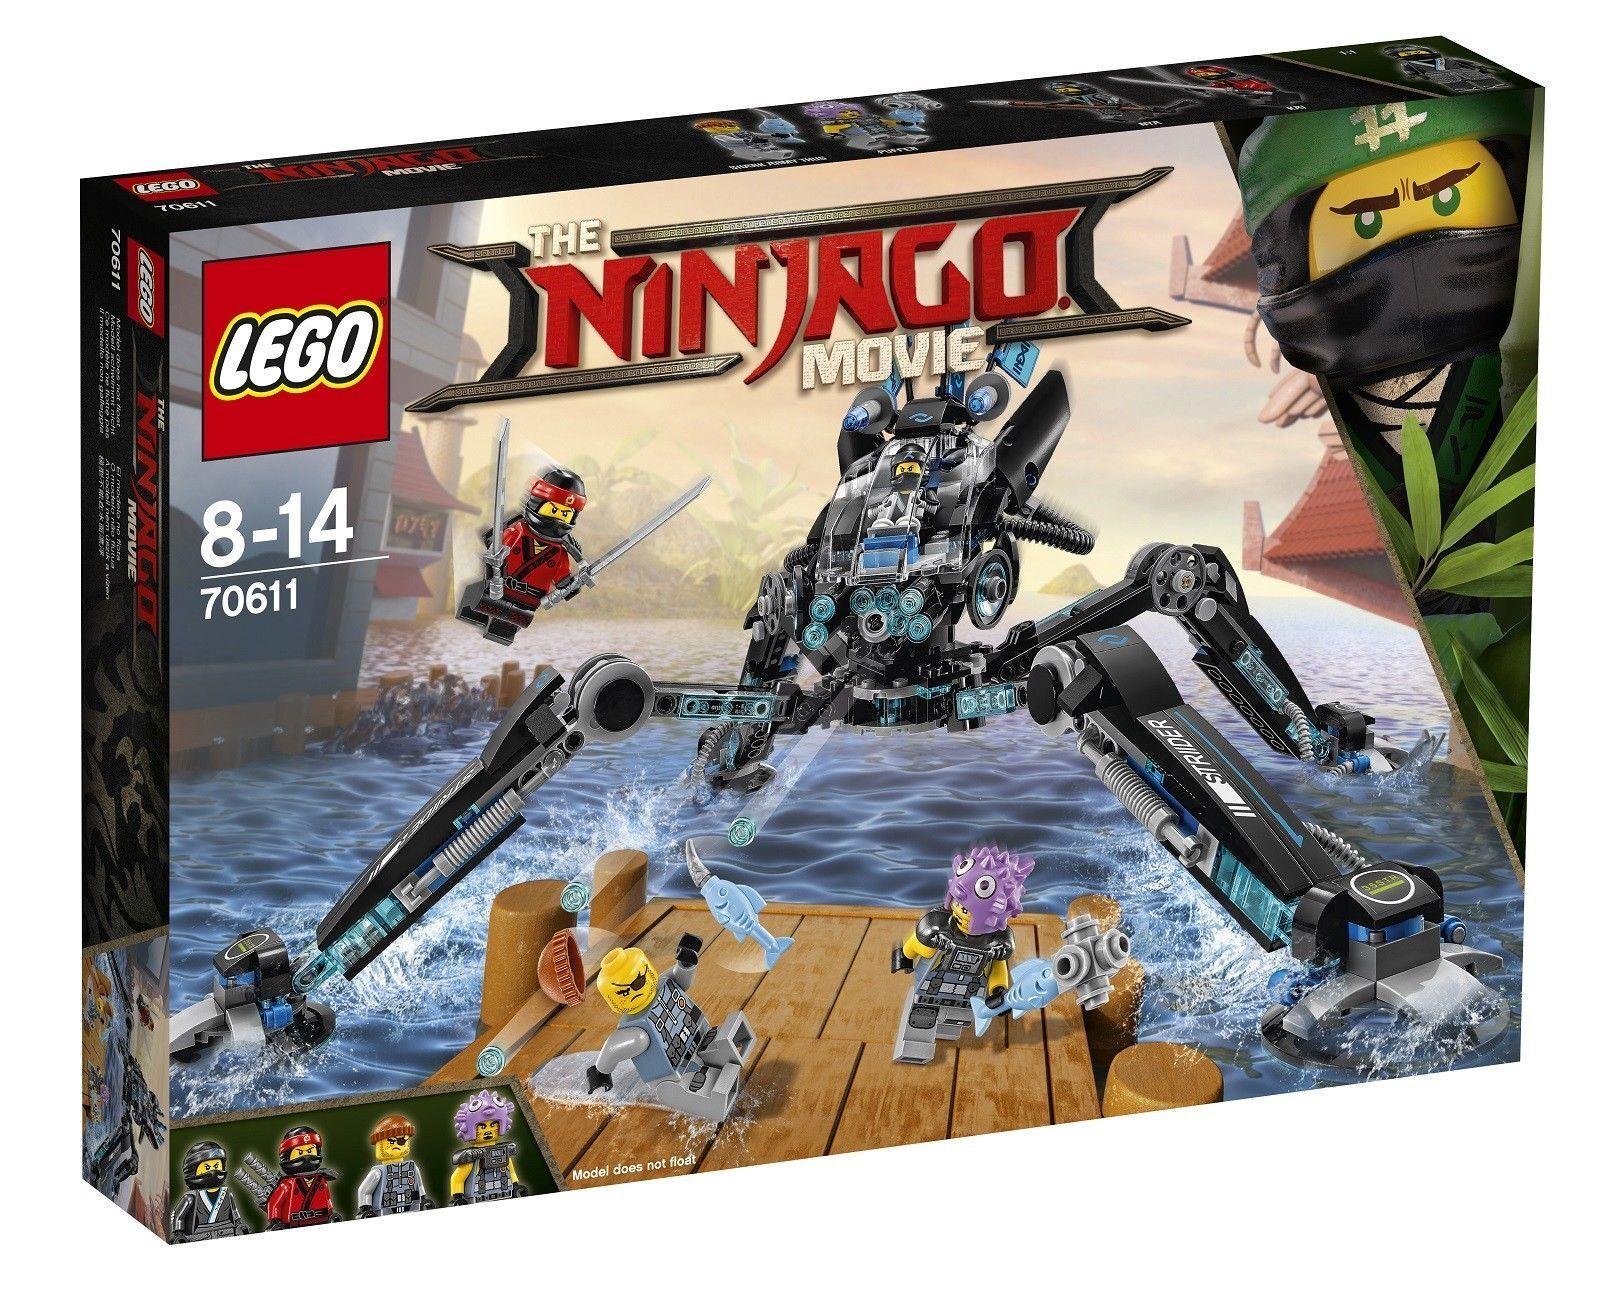 70611 Lego Ninjago Movie Water Strider 494 494 494 Pieces Age 8-14 Yrs a1e30e